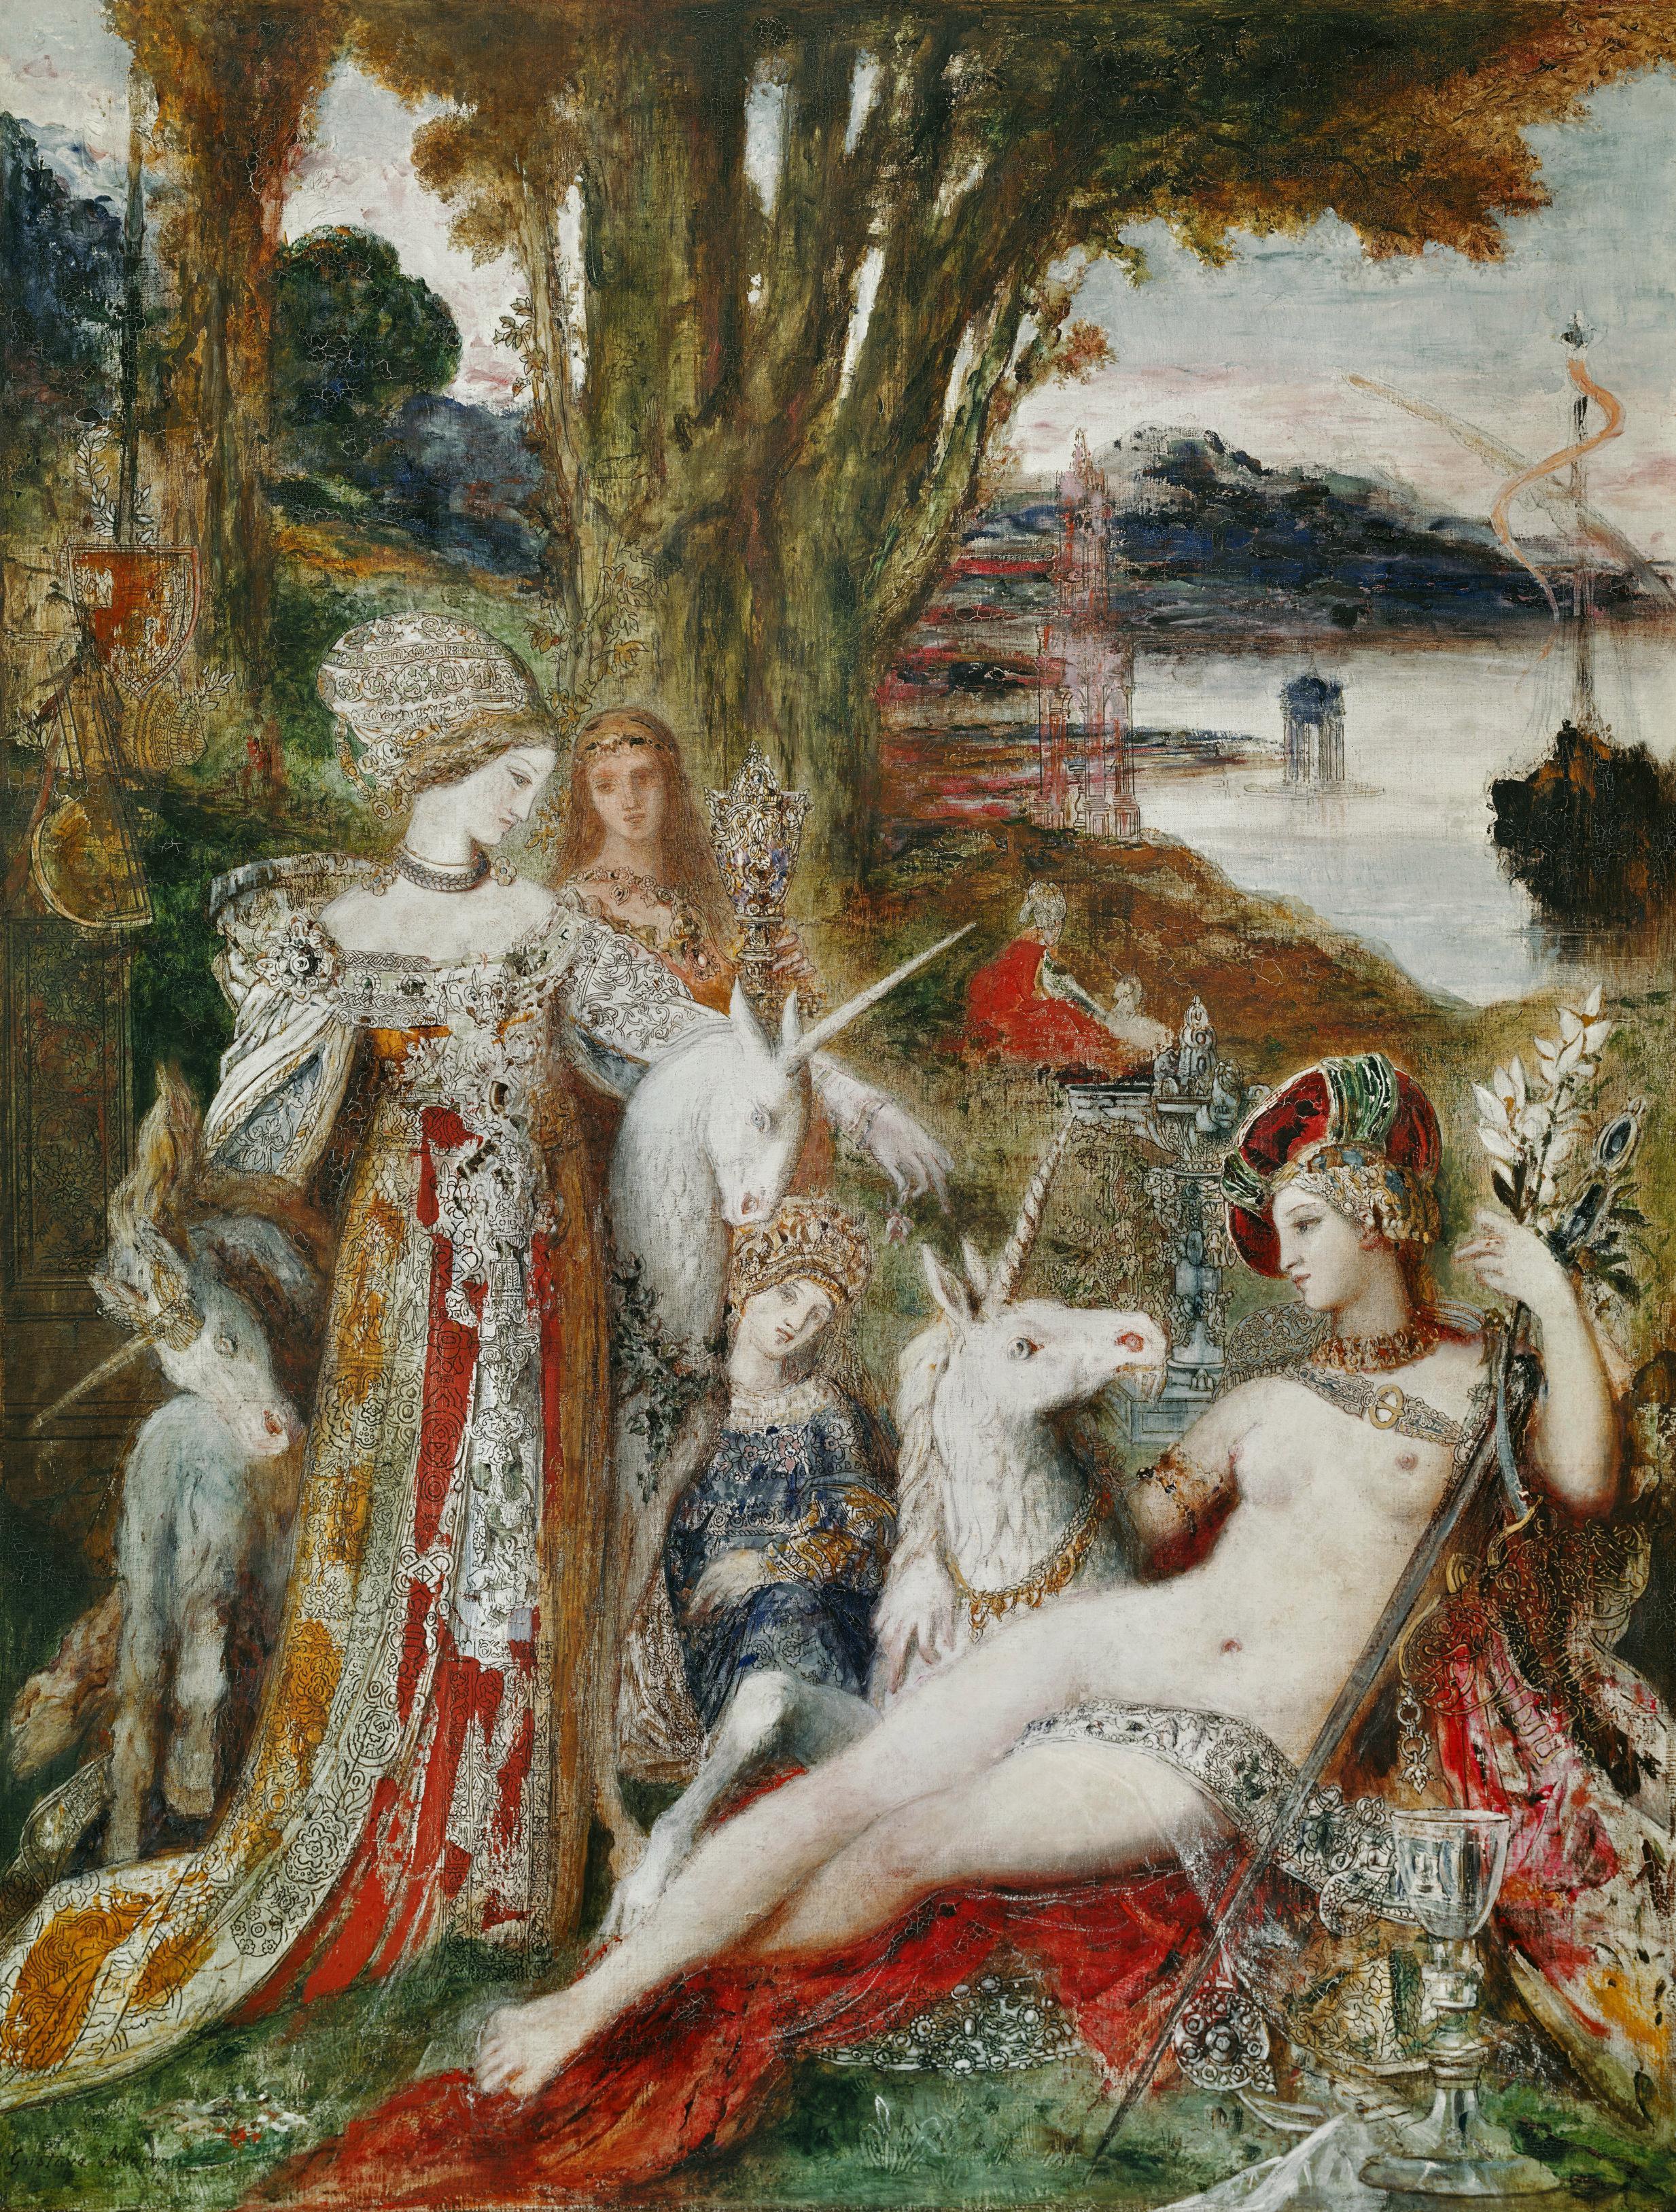 1885_Единороги (115 х 90 см) (Париж, музей Гюстава Моро)